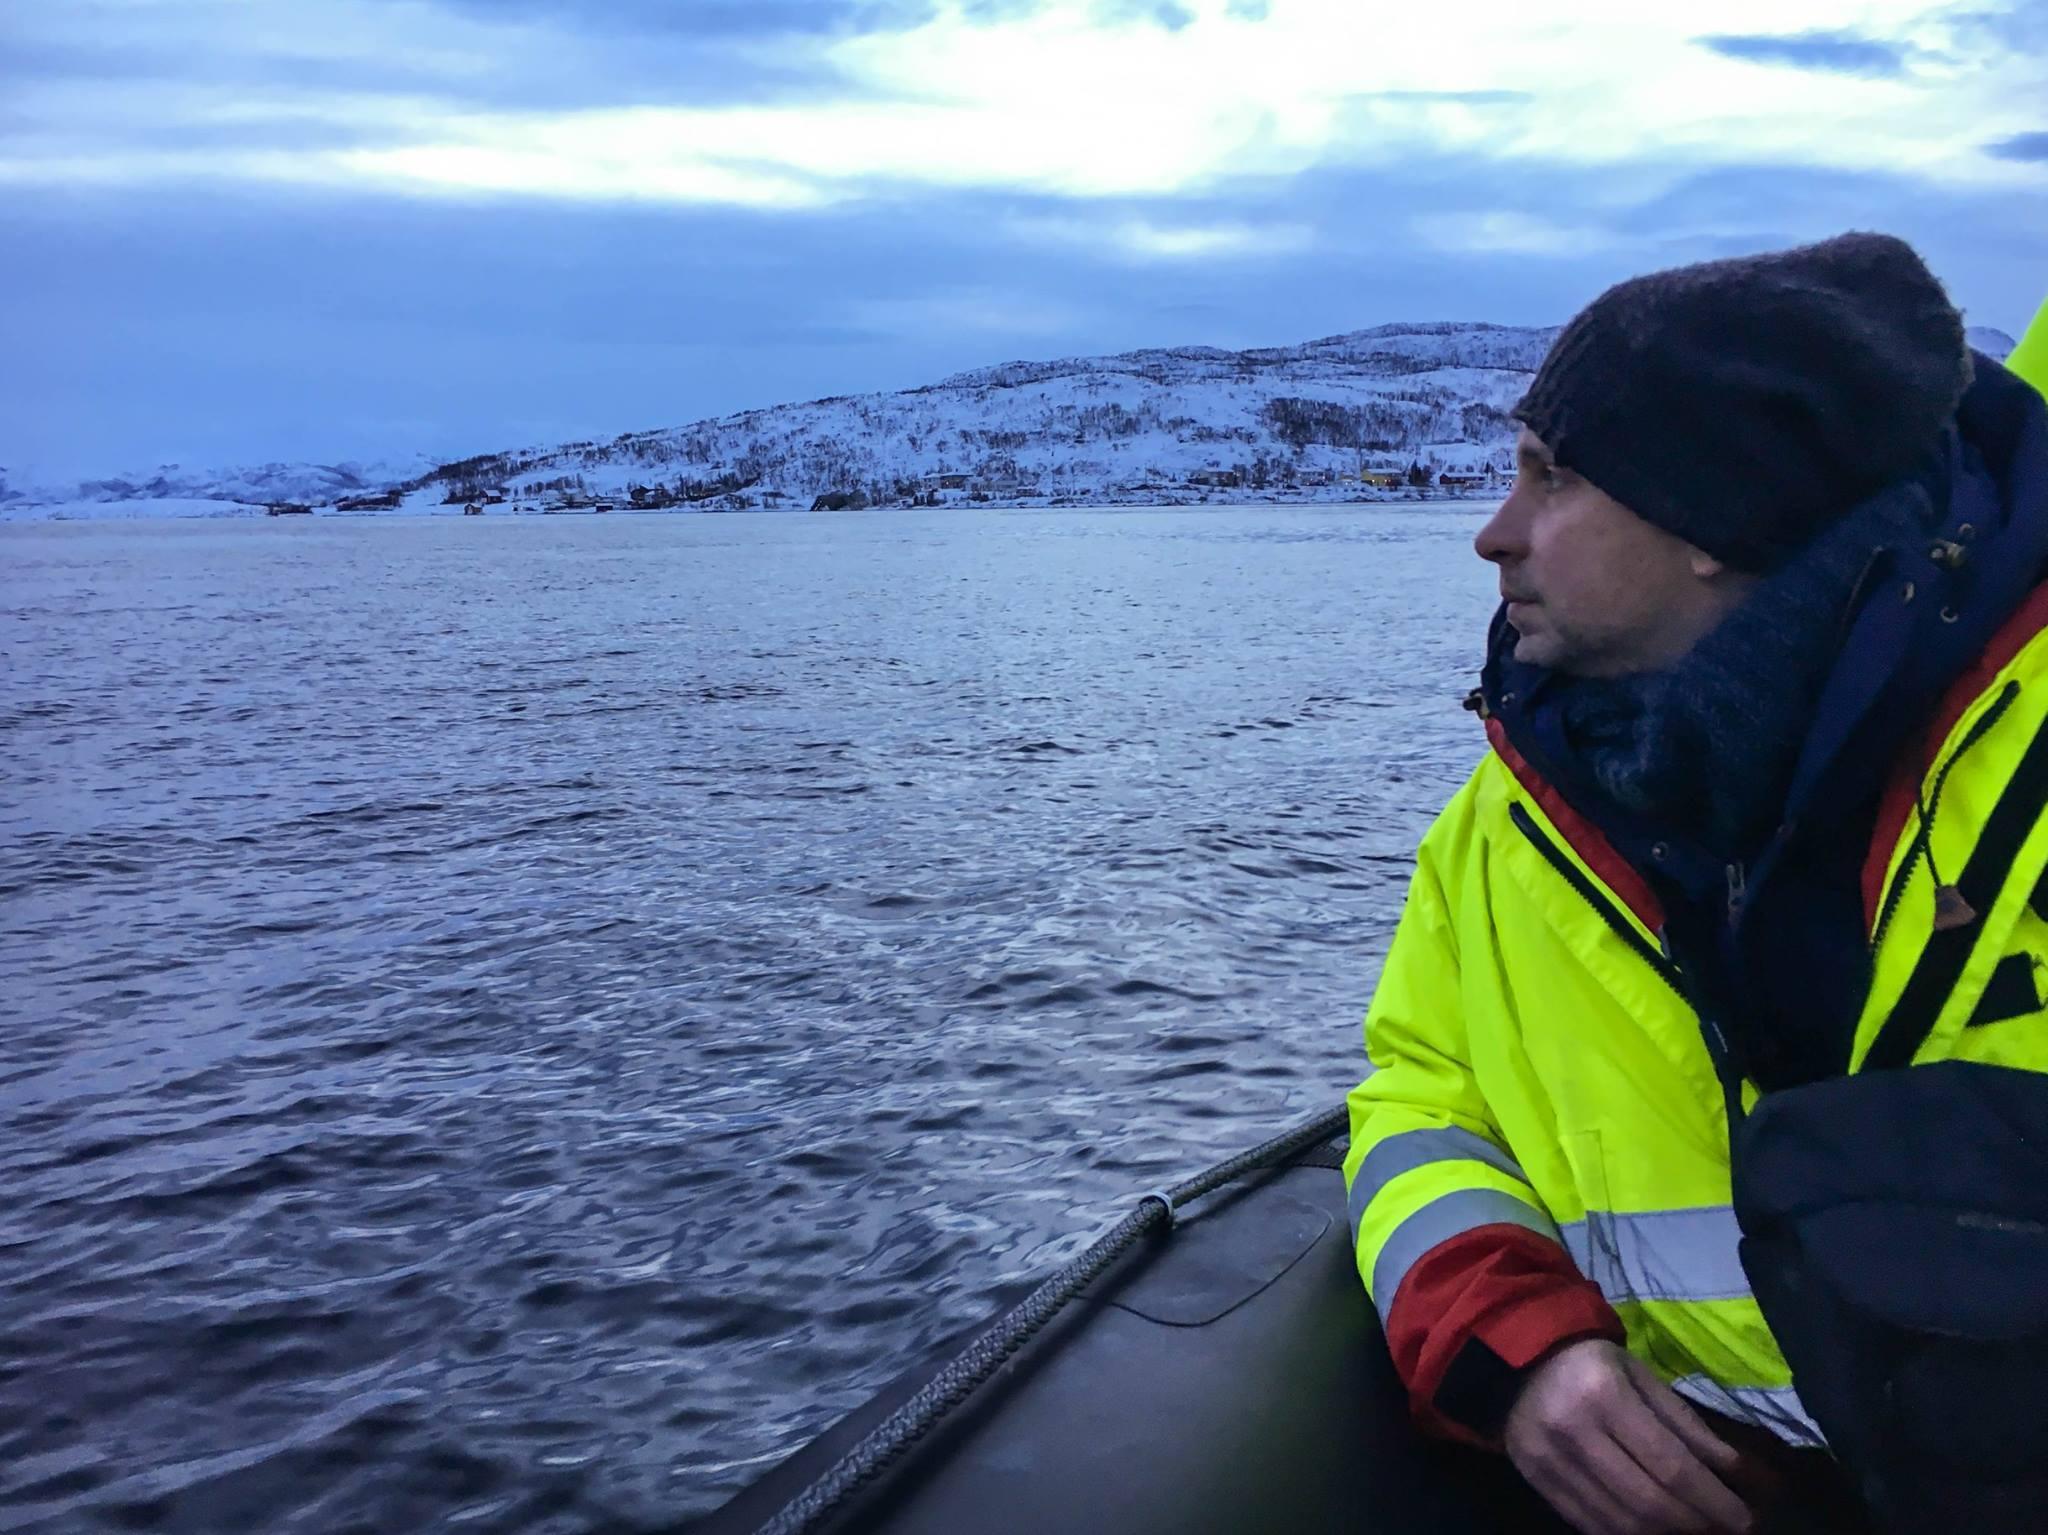 Viaggio a Tromso norvegia: orche e balene